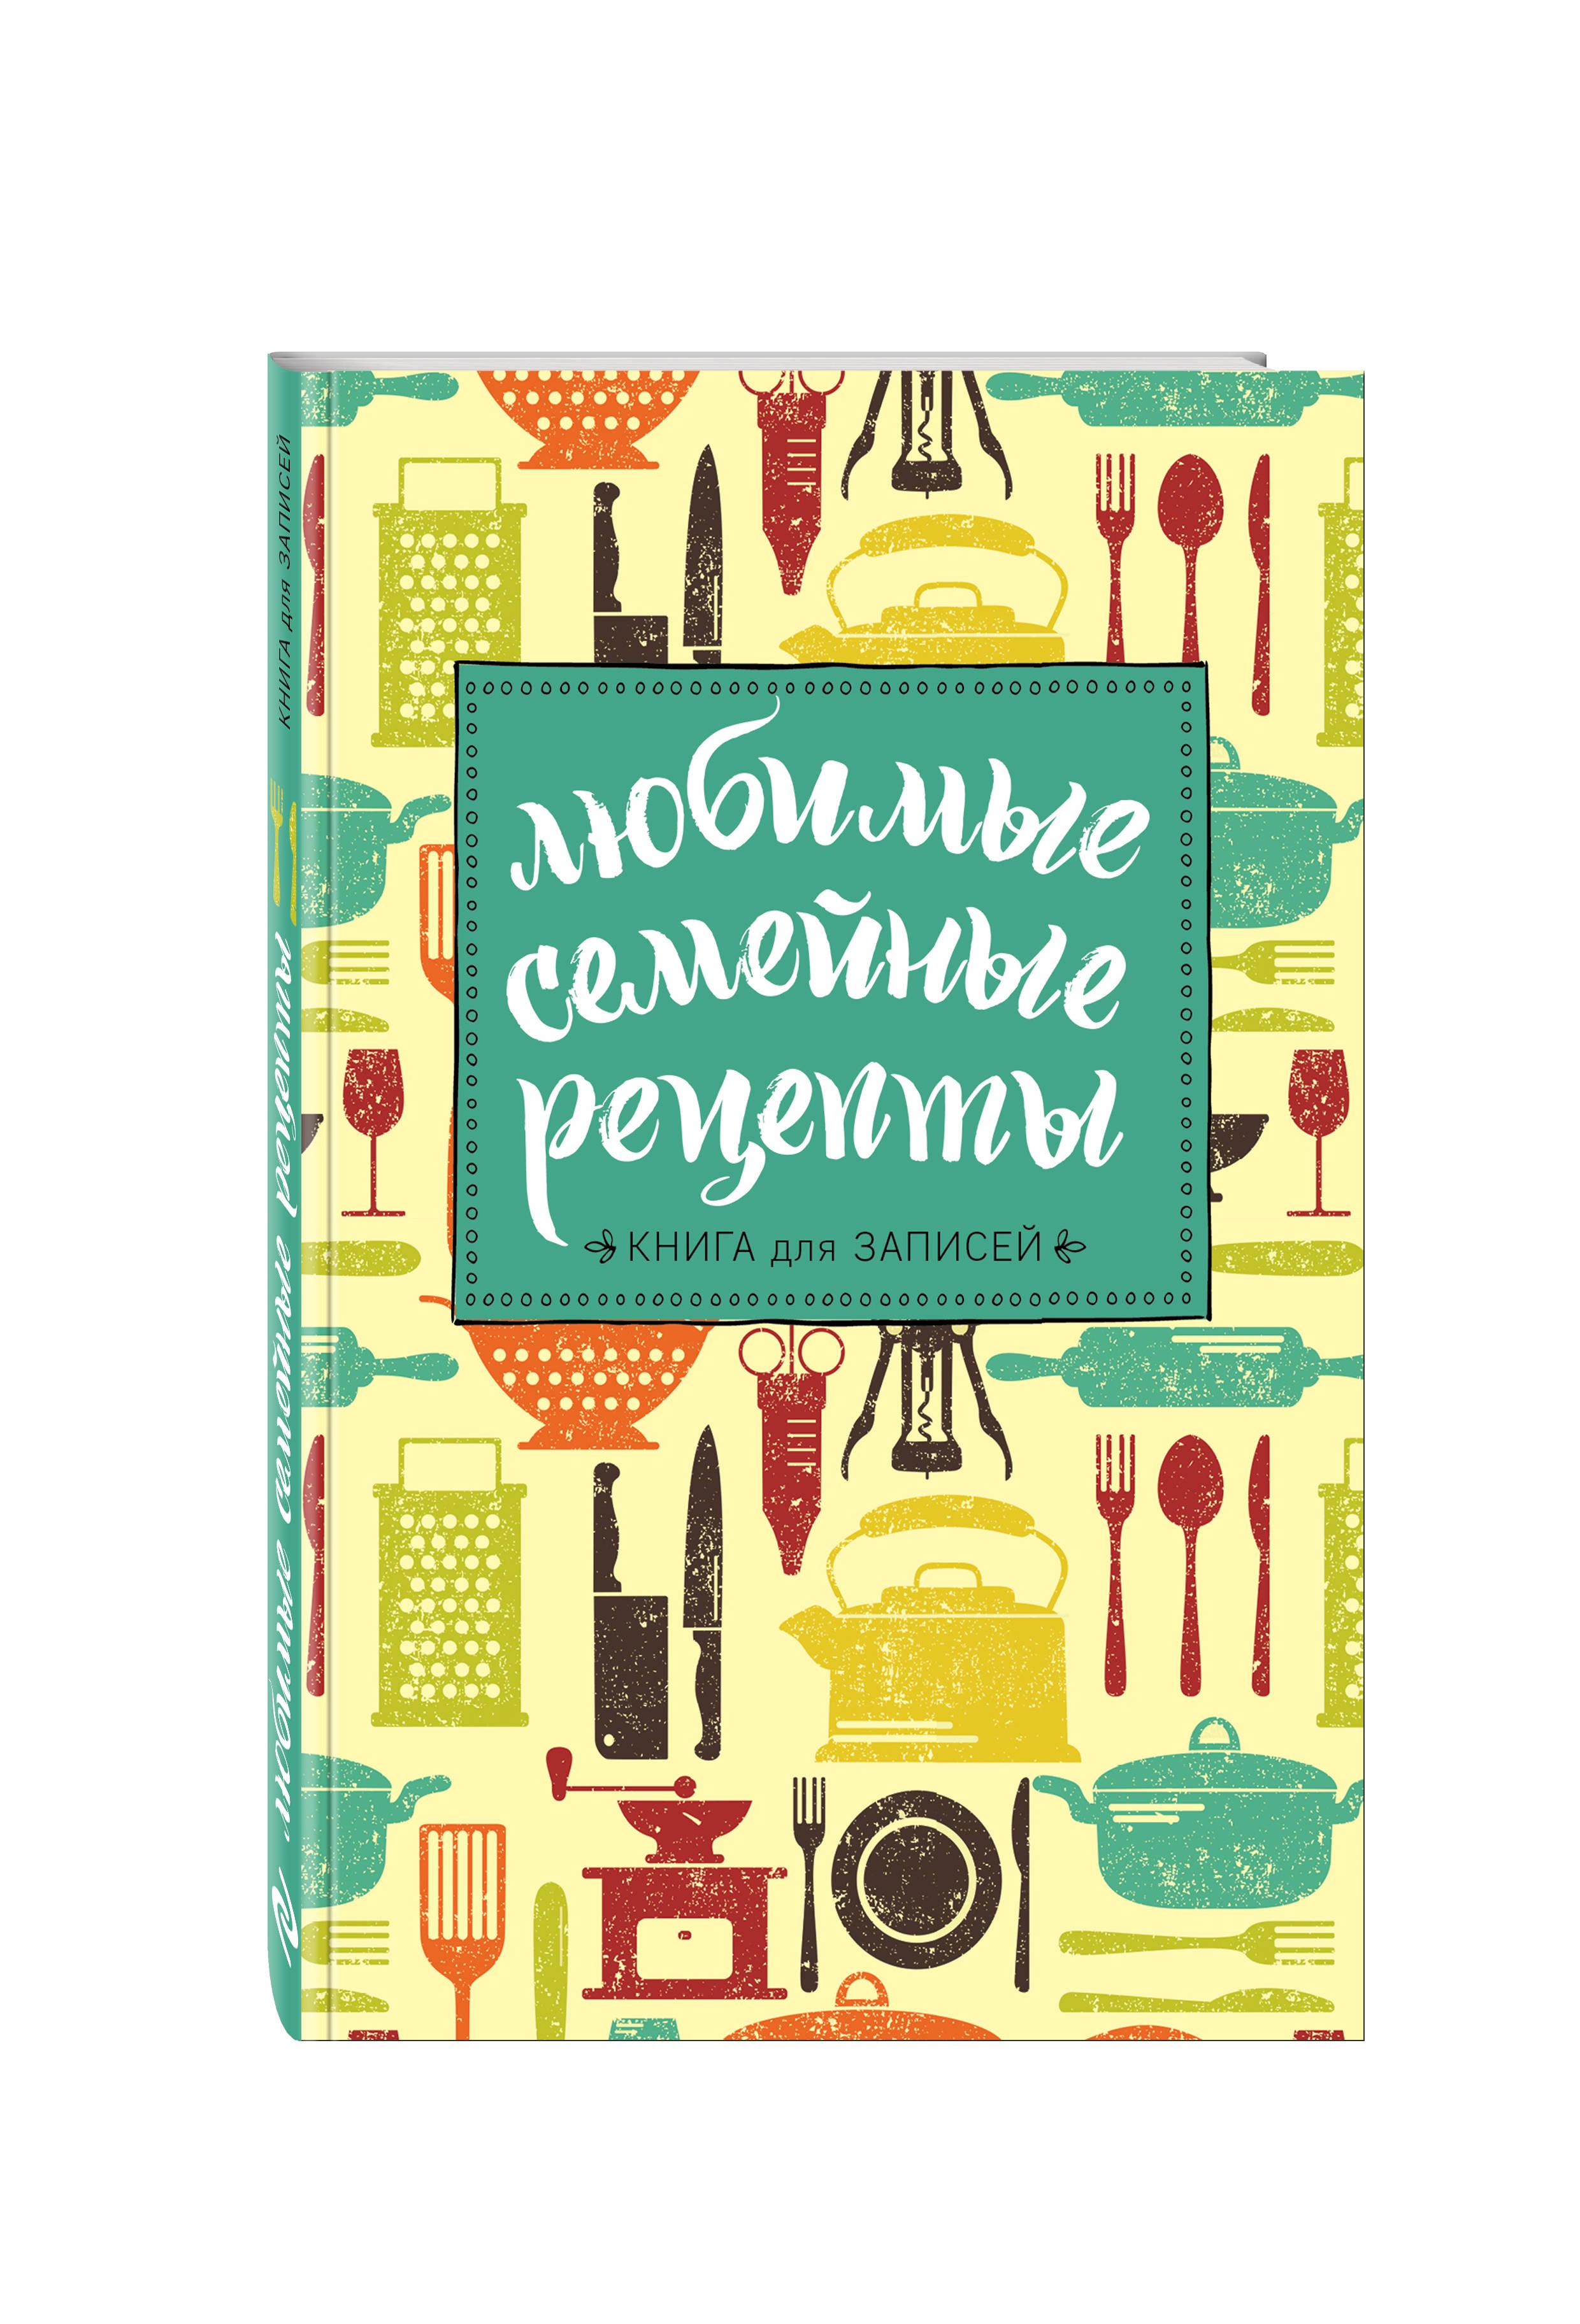 Любимые семейные рецепты. Книга для записей вкусные истории книга для записи рецептов